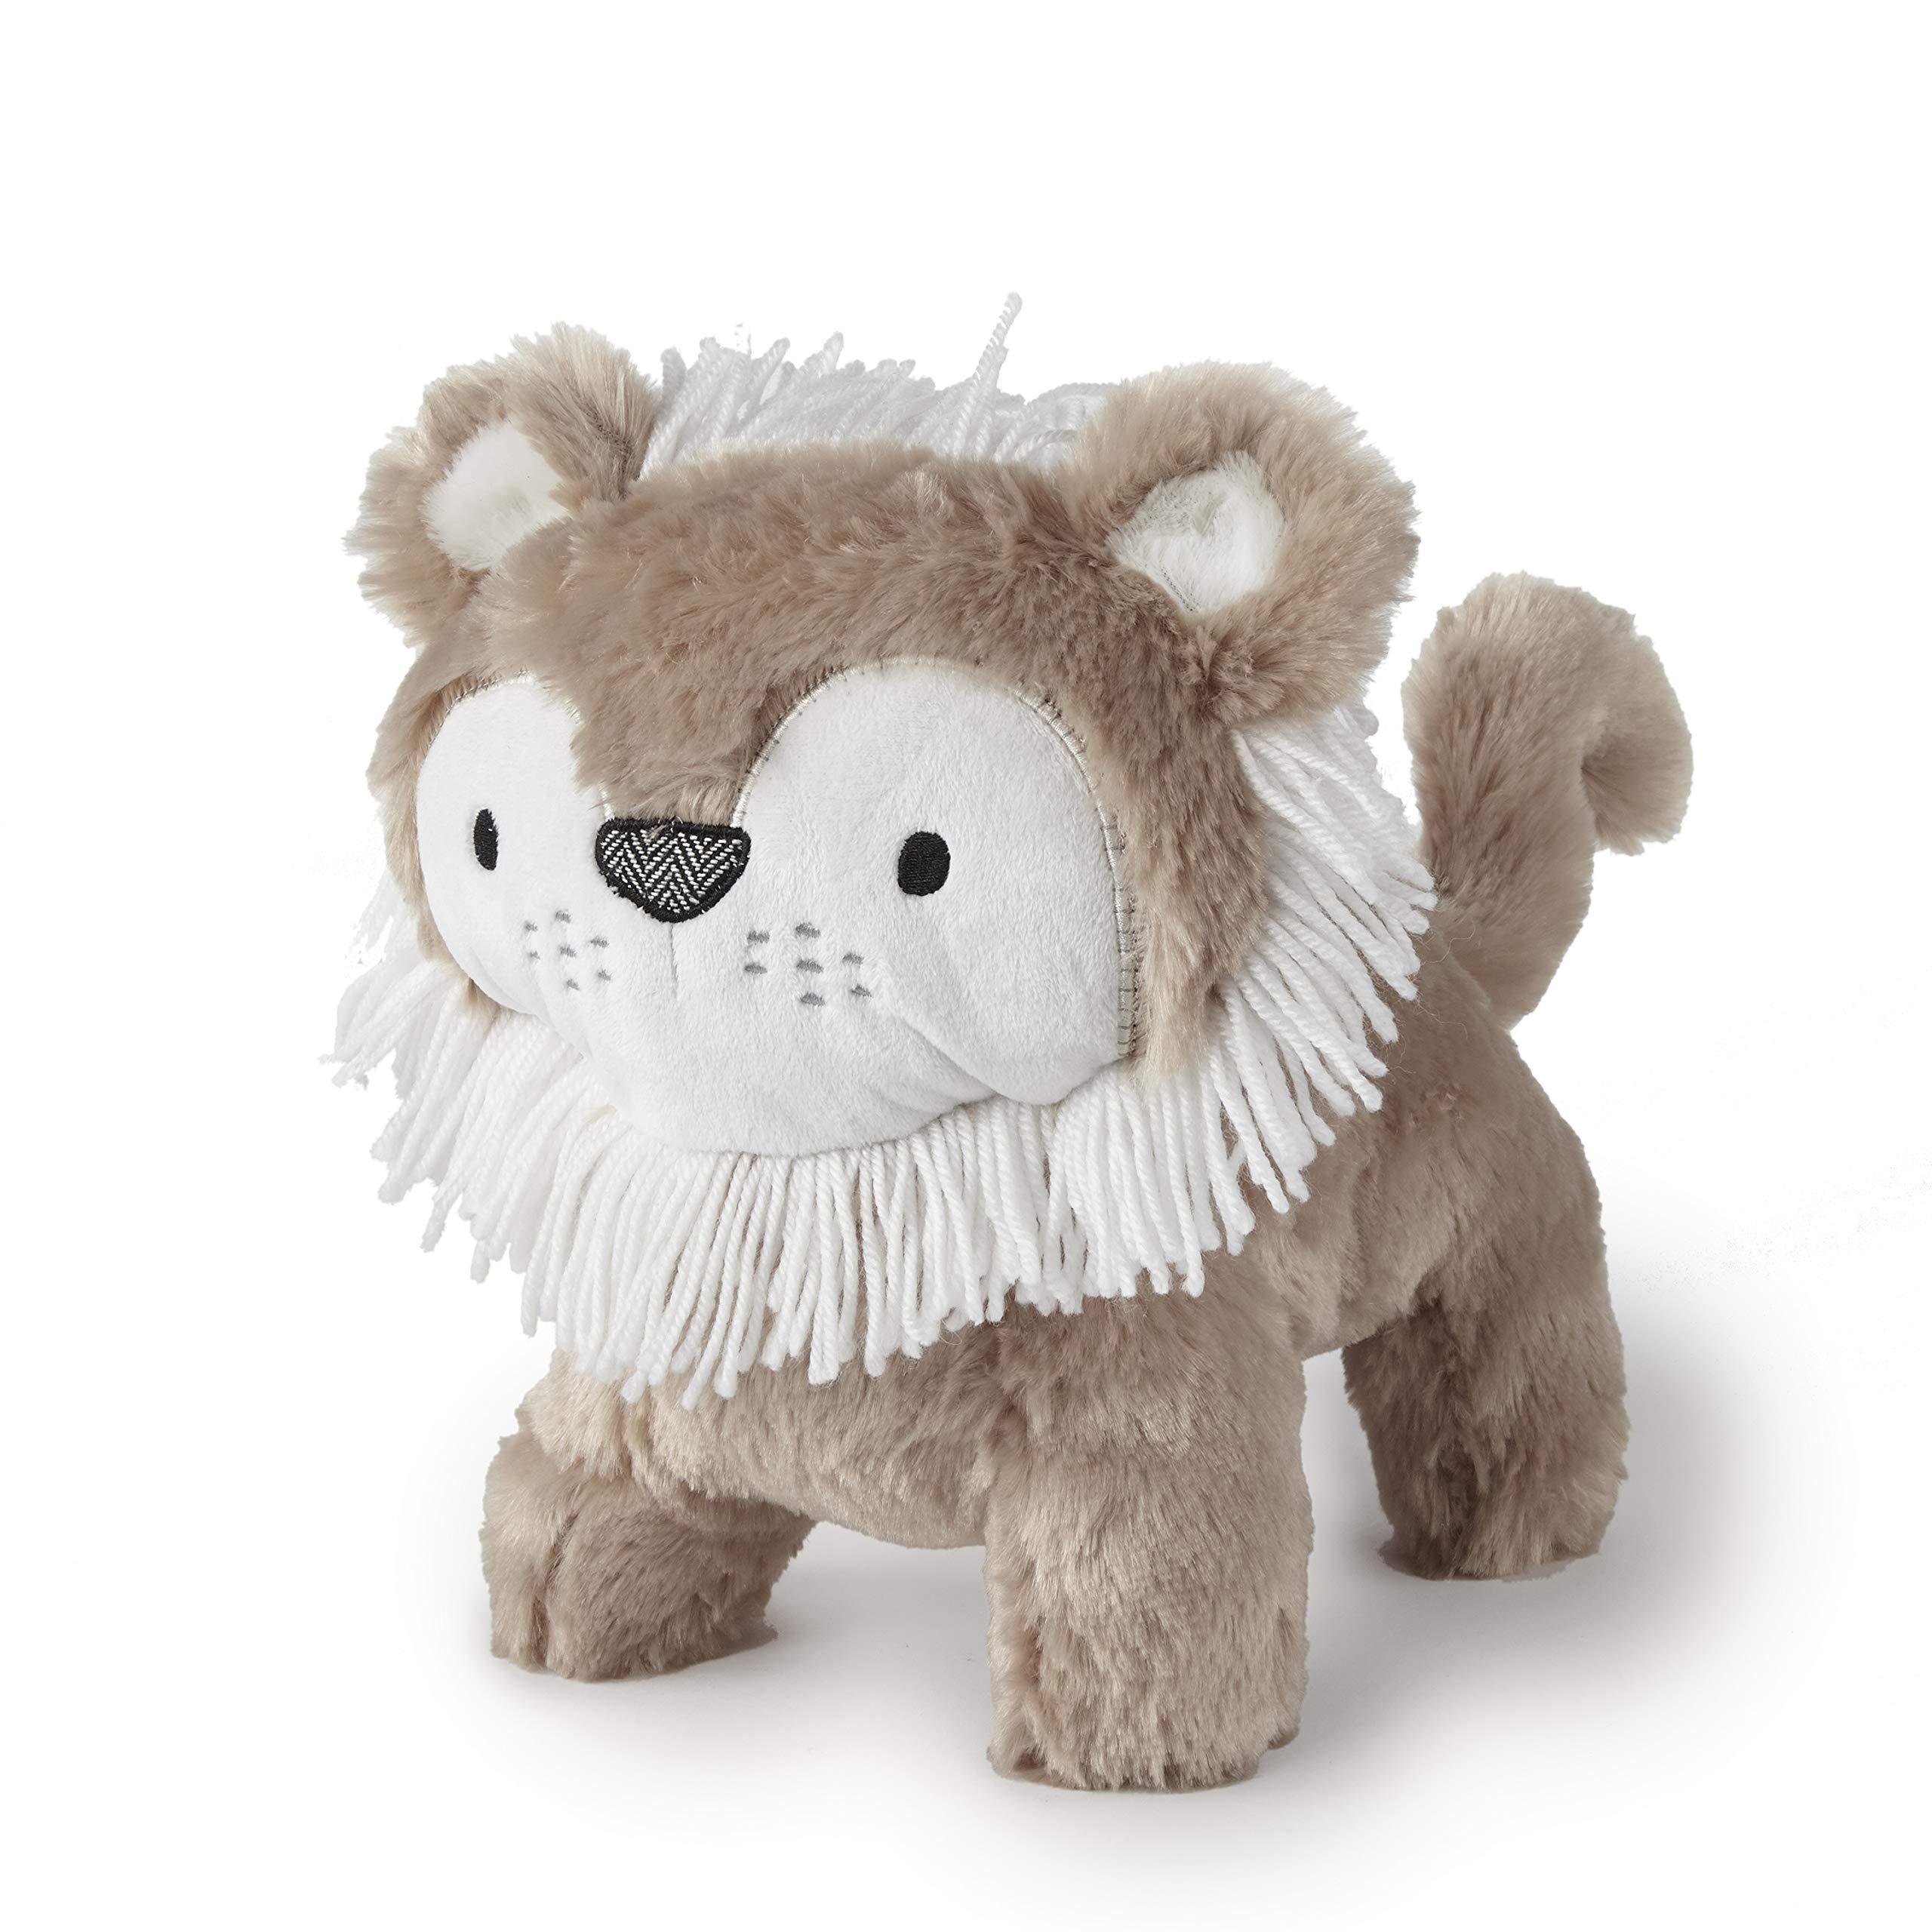 Levtex Baby Tanzania Lion Plush Toy, Tan/White